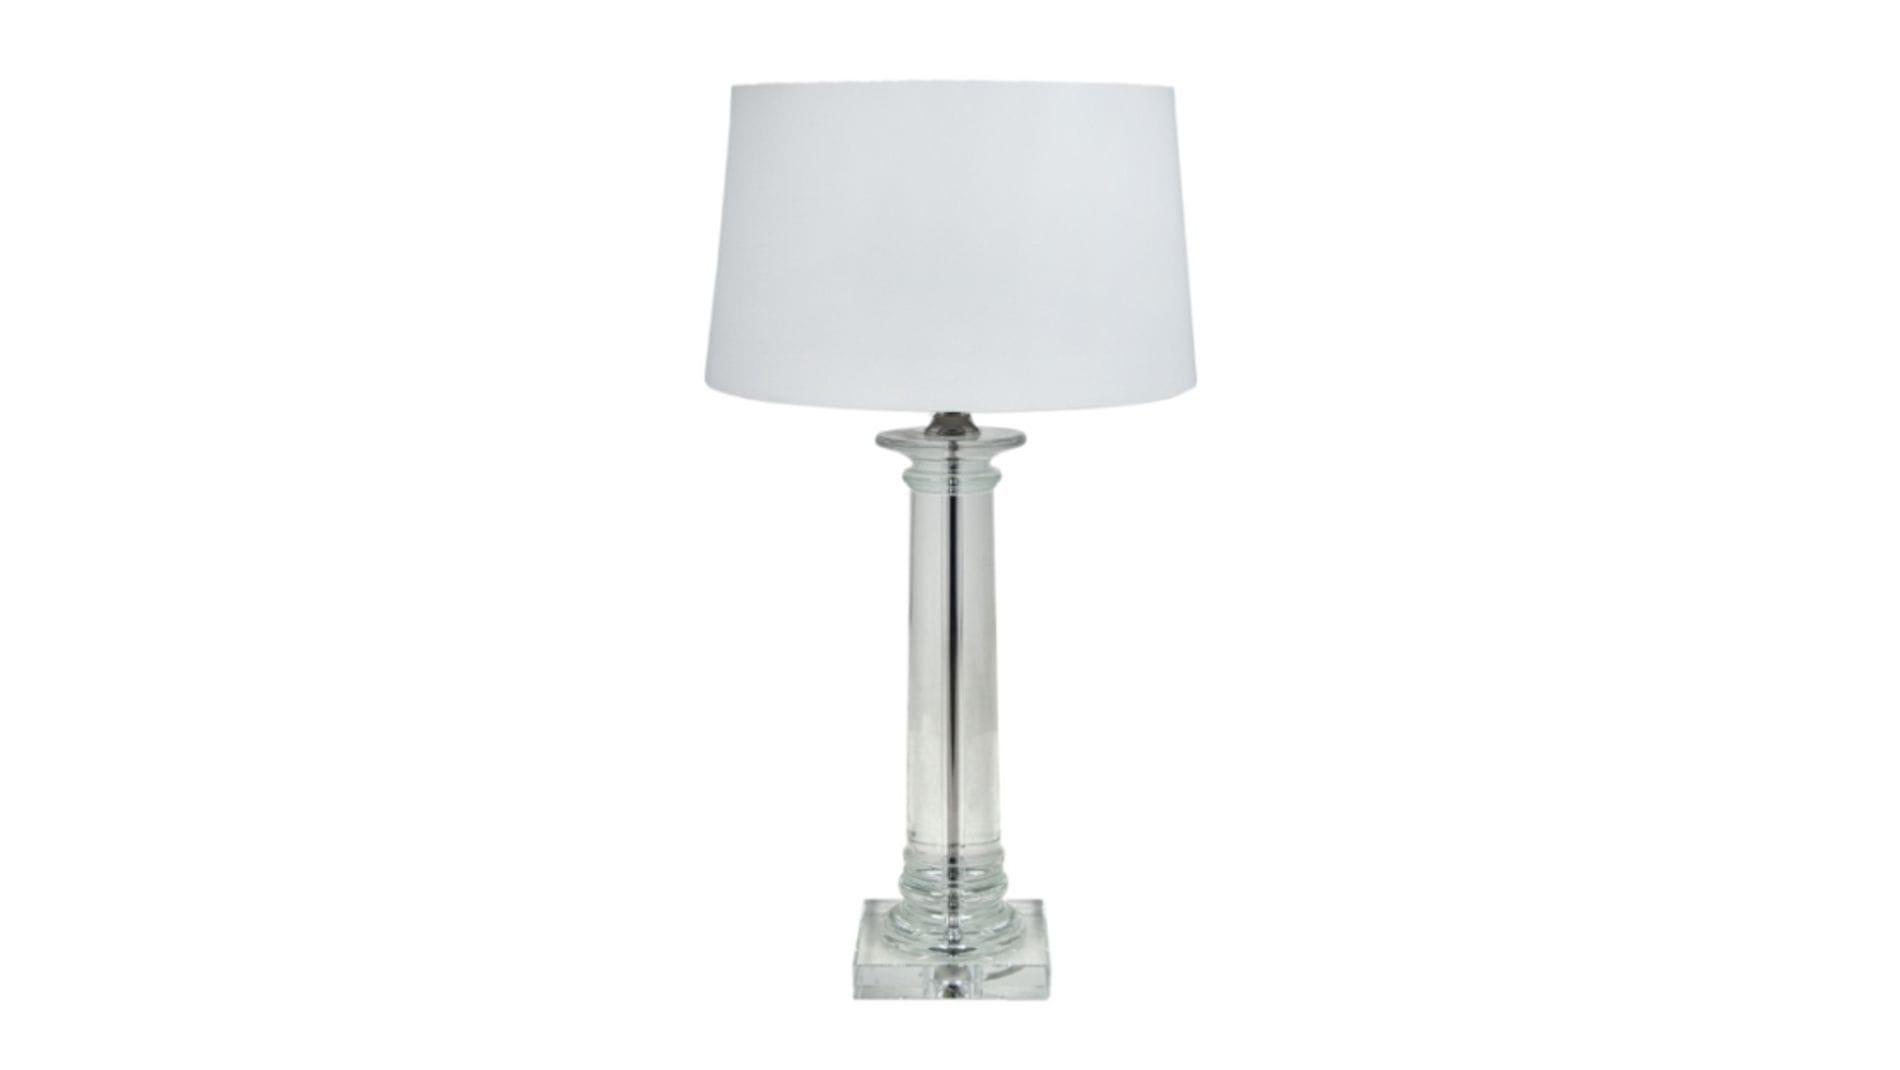 Настольная лампа Delanna - только основание